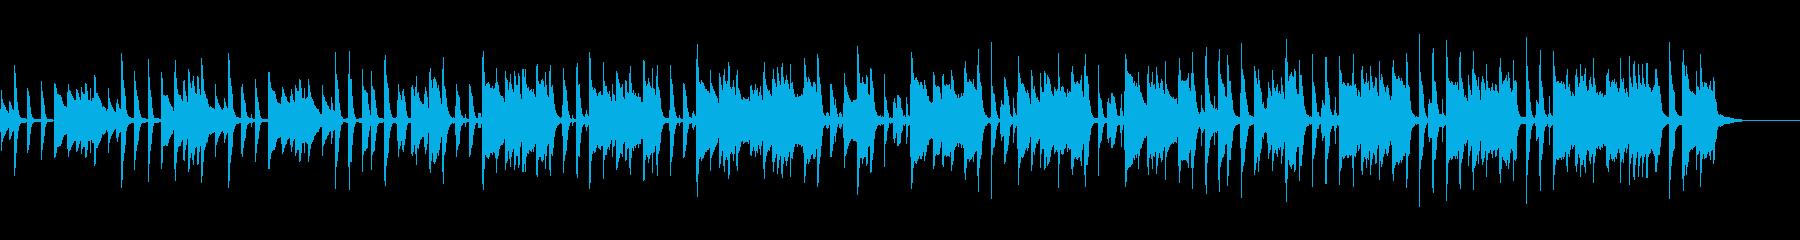 ほのぼの系の日常に合いそうなBGMの再生済みの波形